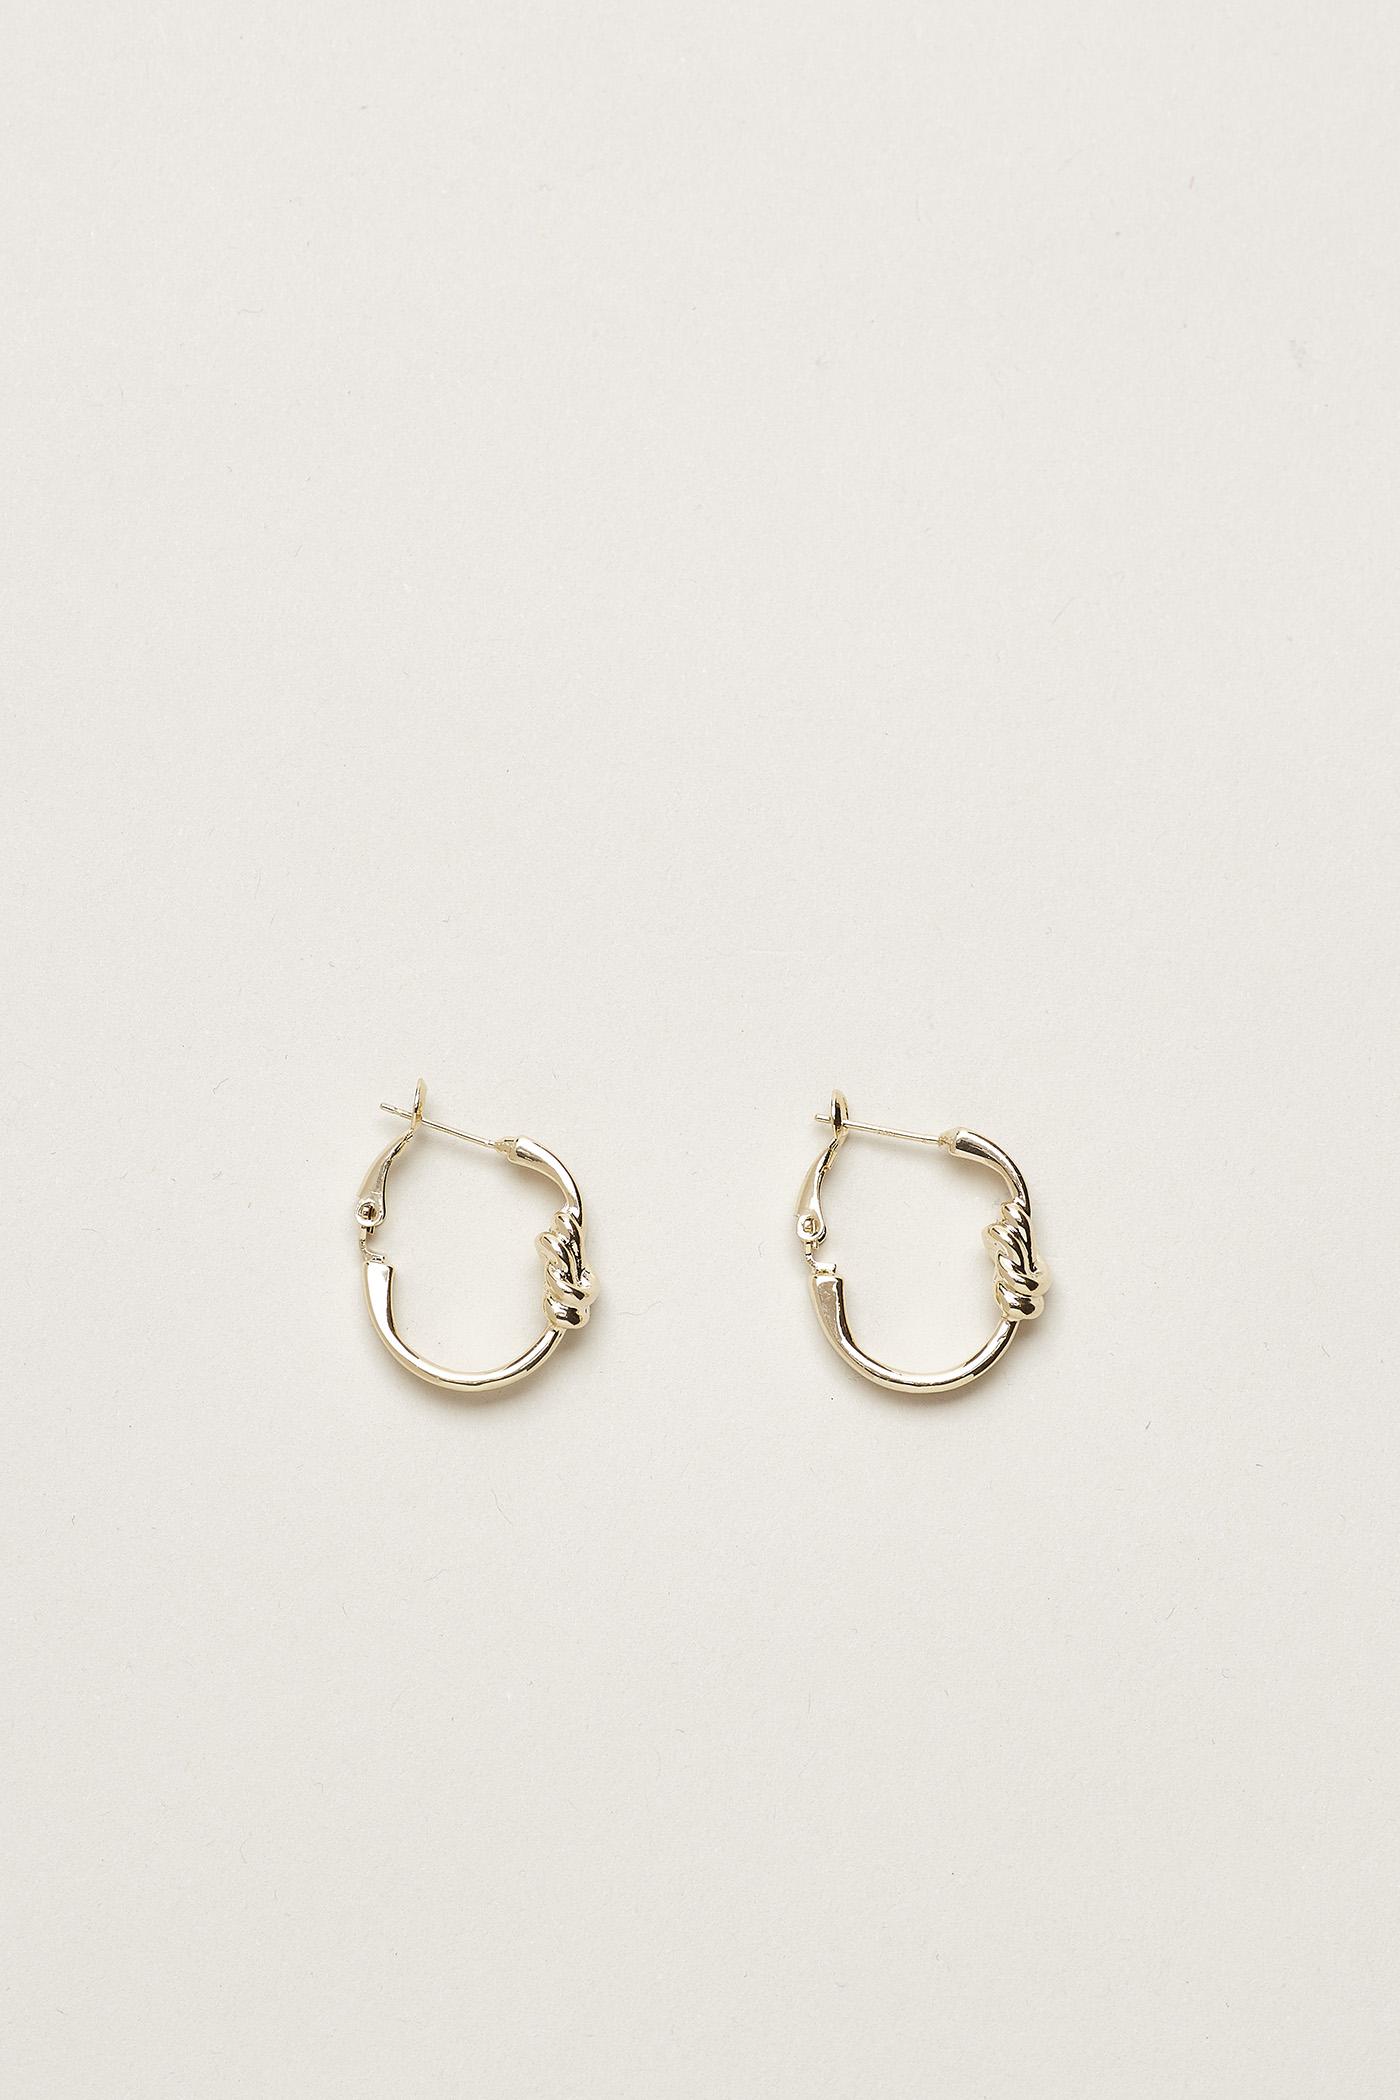 Lewitt Knot Hoop Earrings